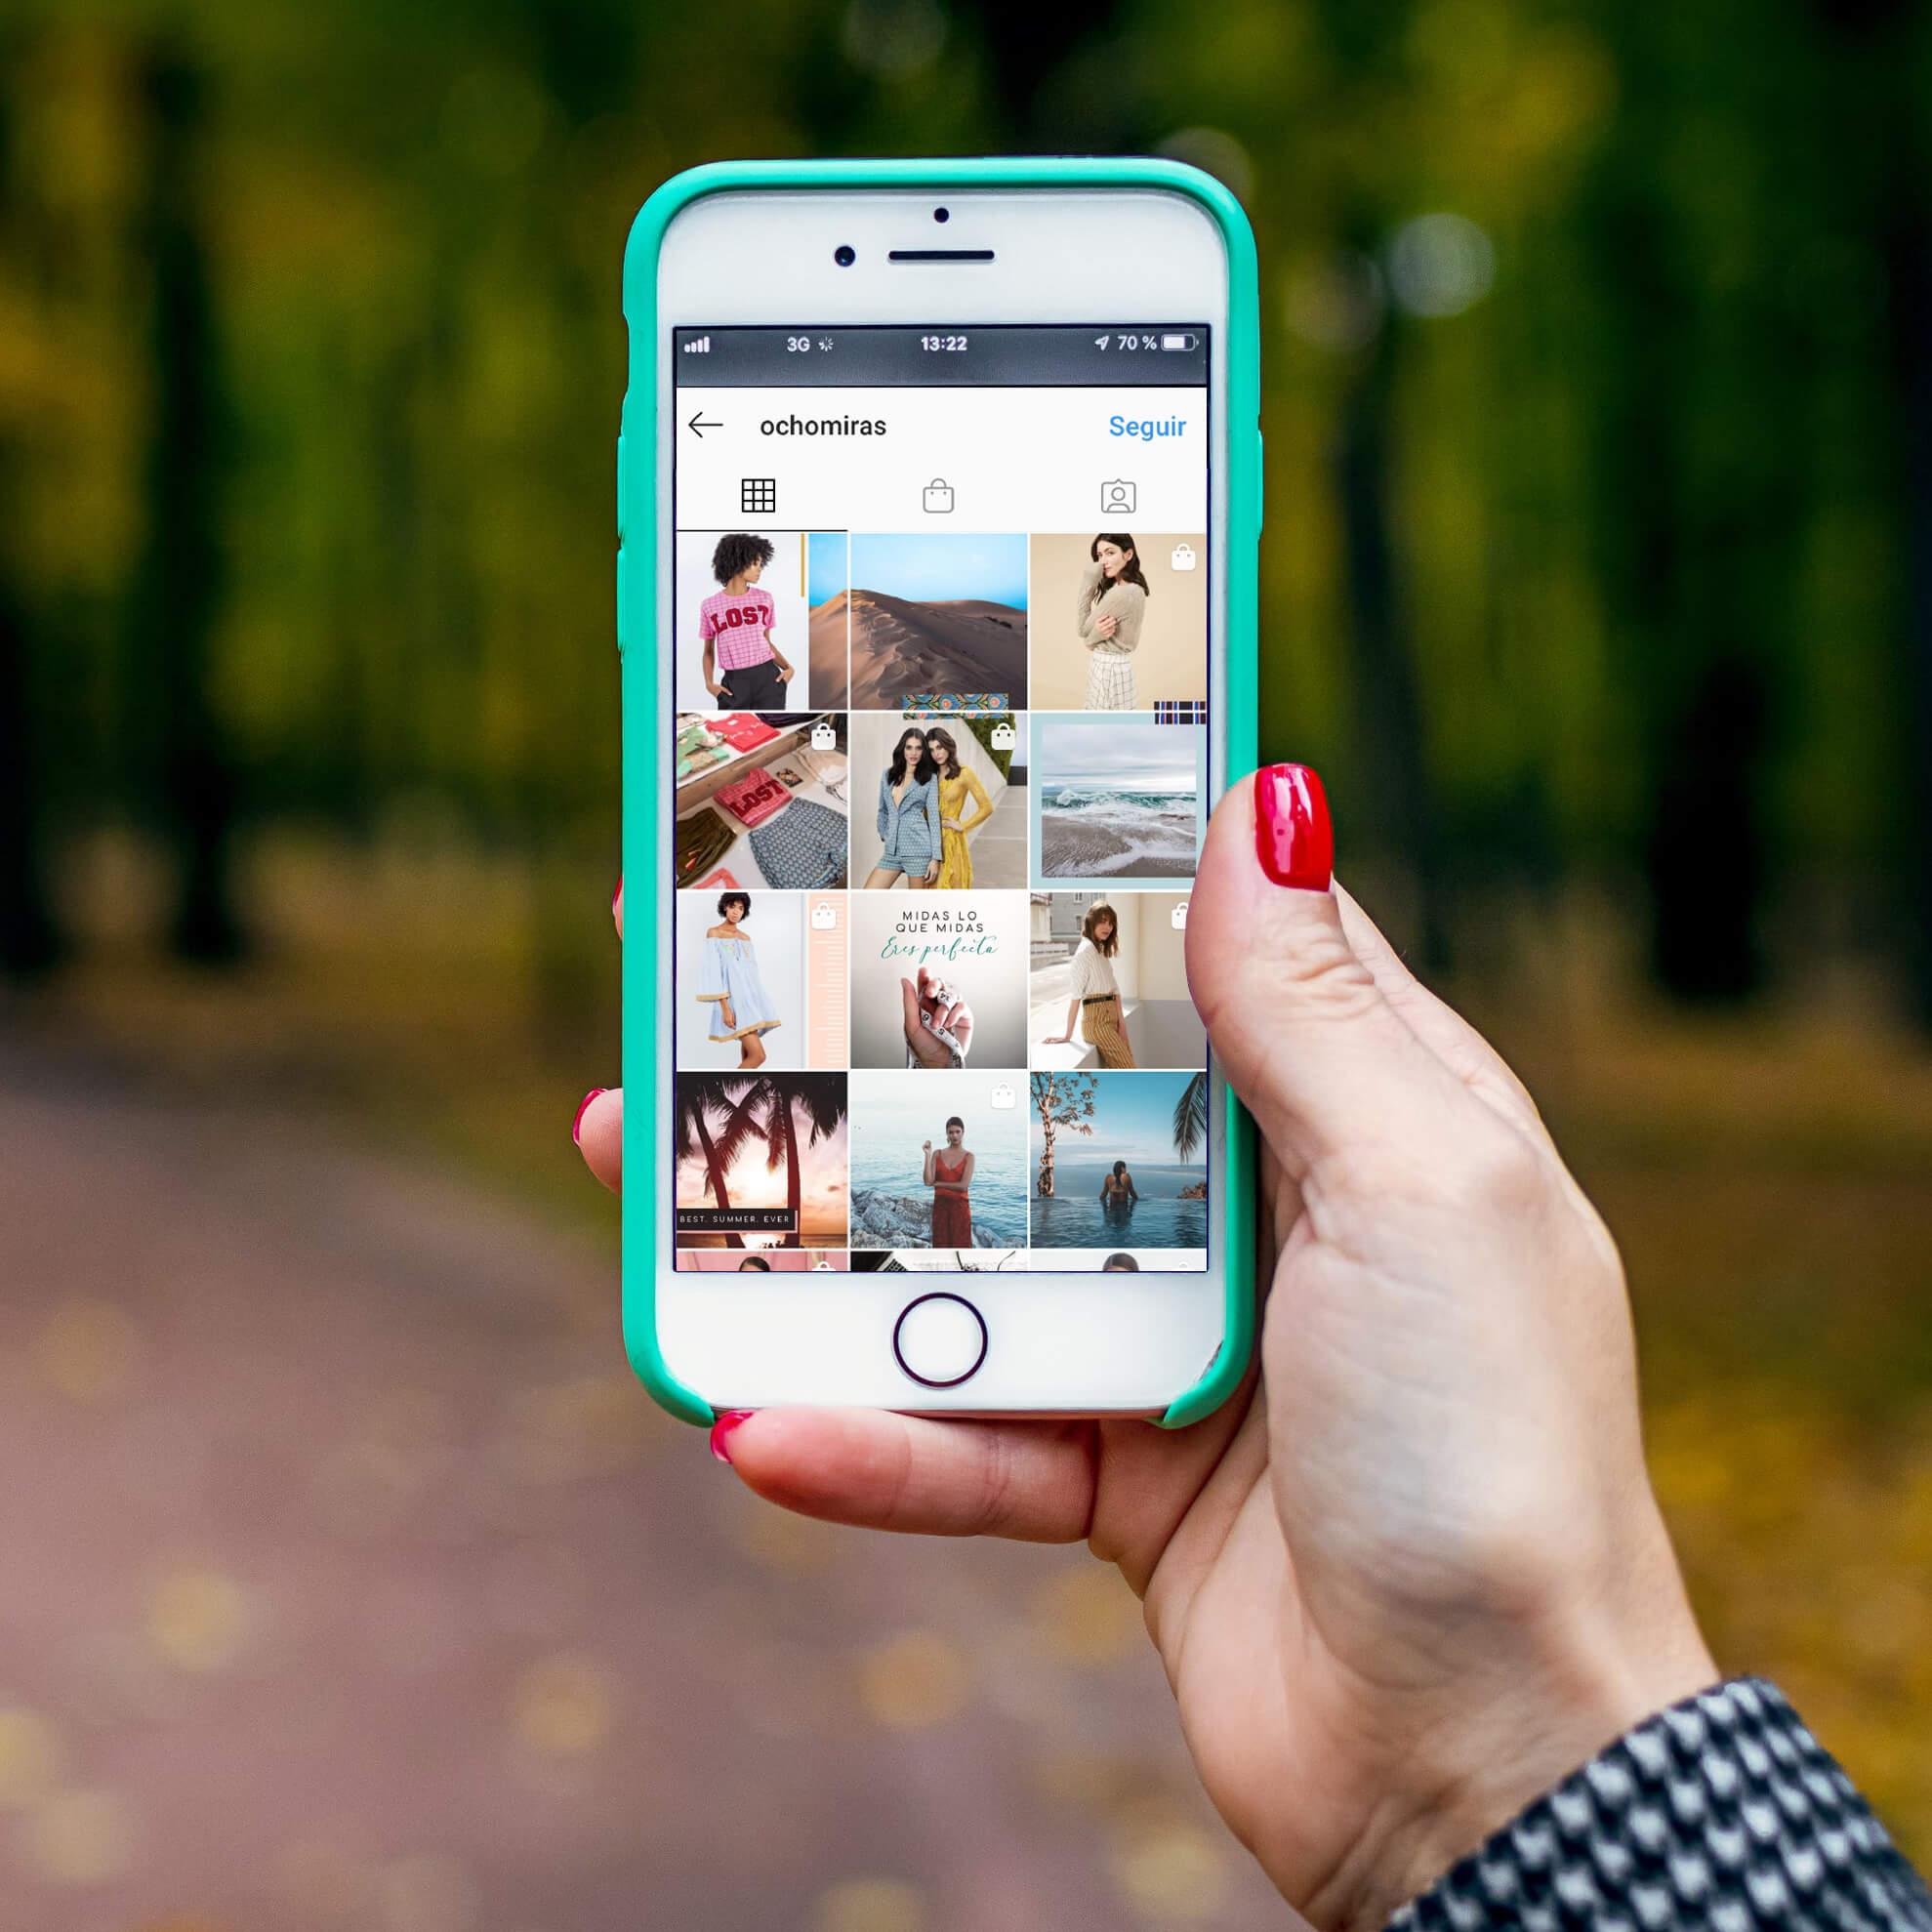 ocho miras feed instagram